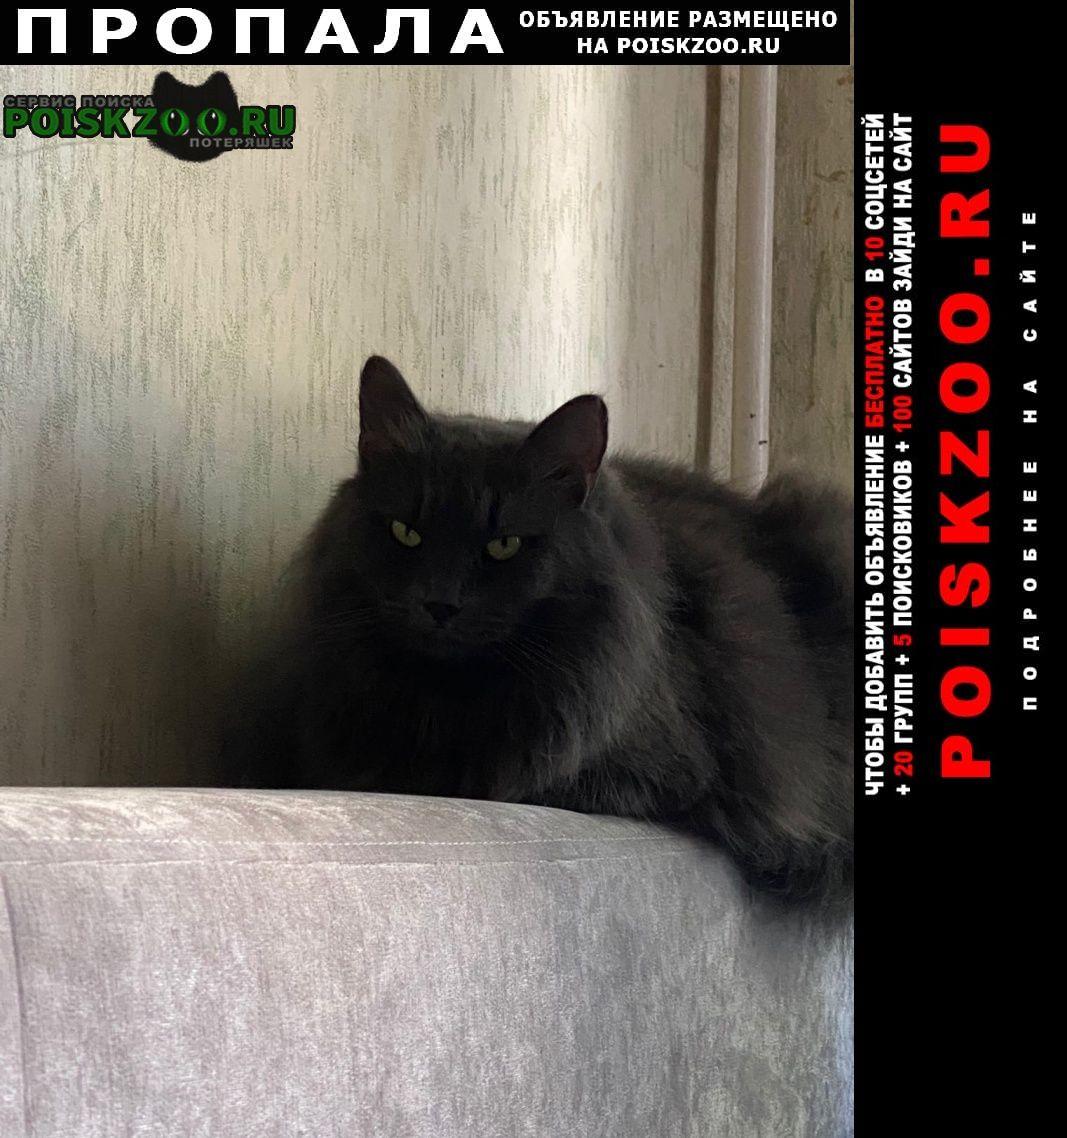 Пропала кошка феликс, кастриррванный, большой Малоярославец